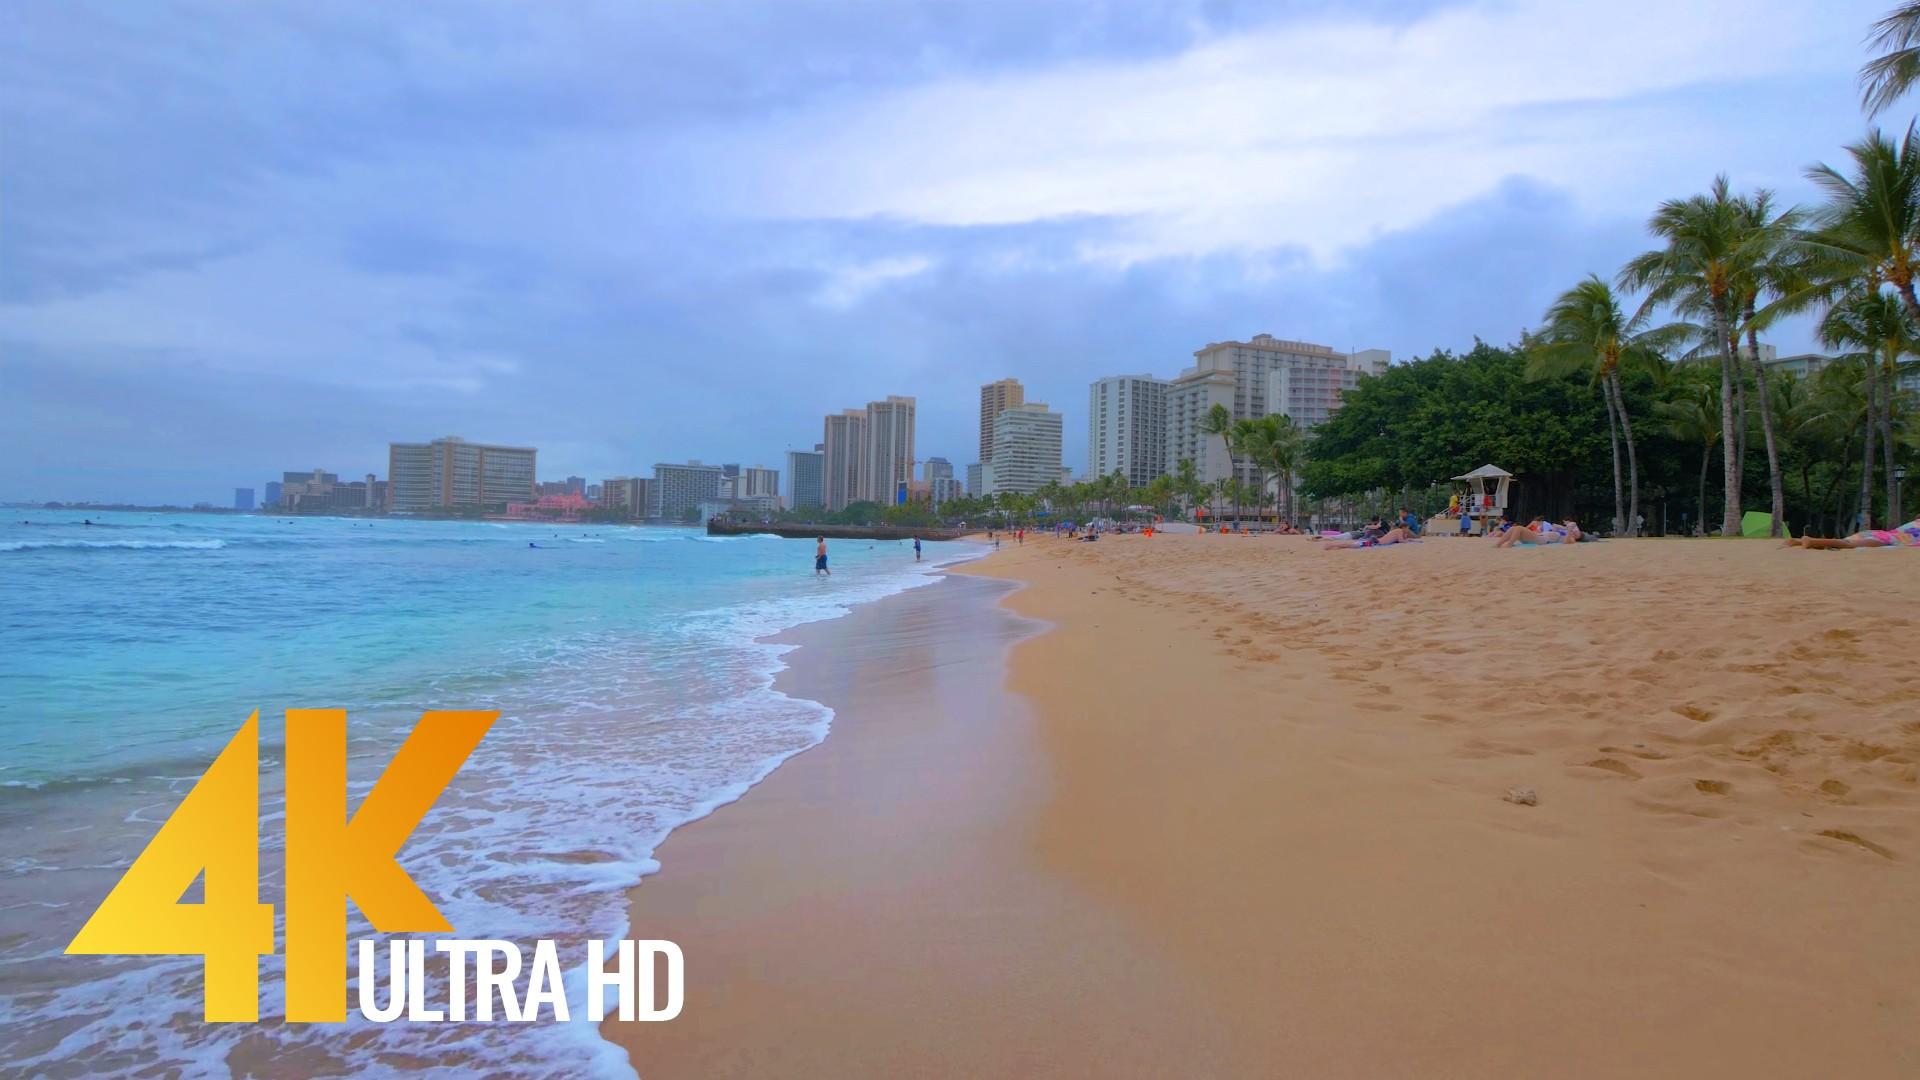 VIRTUAL WALK ALONG WAIKIKI BEACH, OAHU, HAWAII